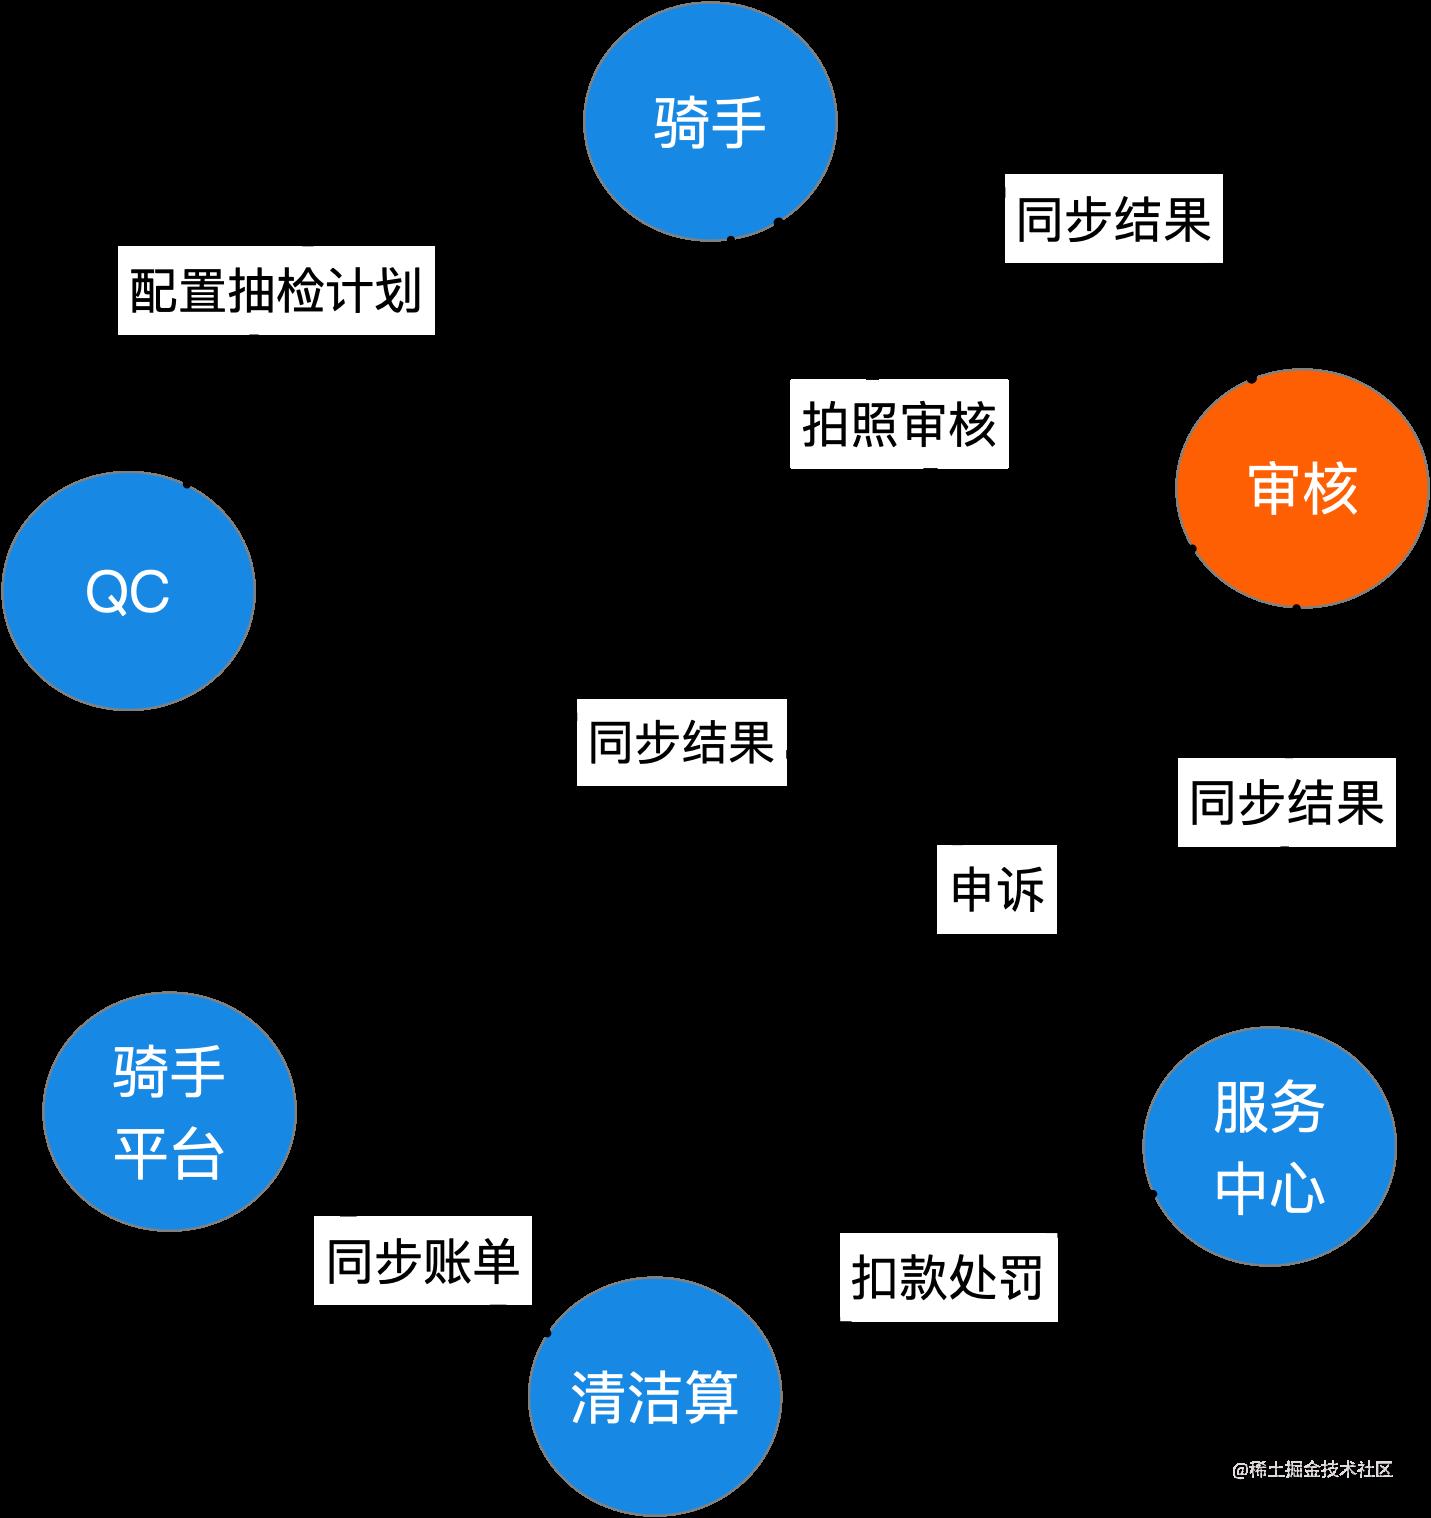 图1 - 骑手抽检整体流程